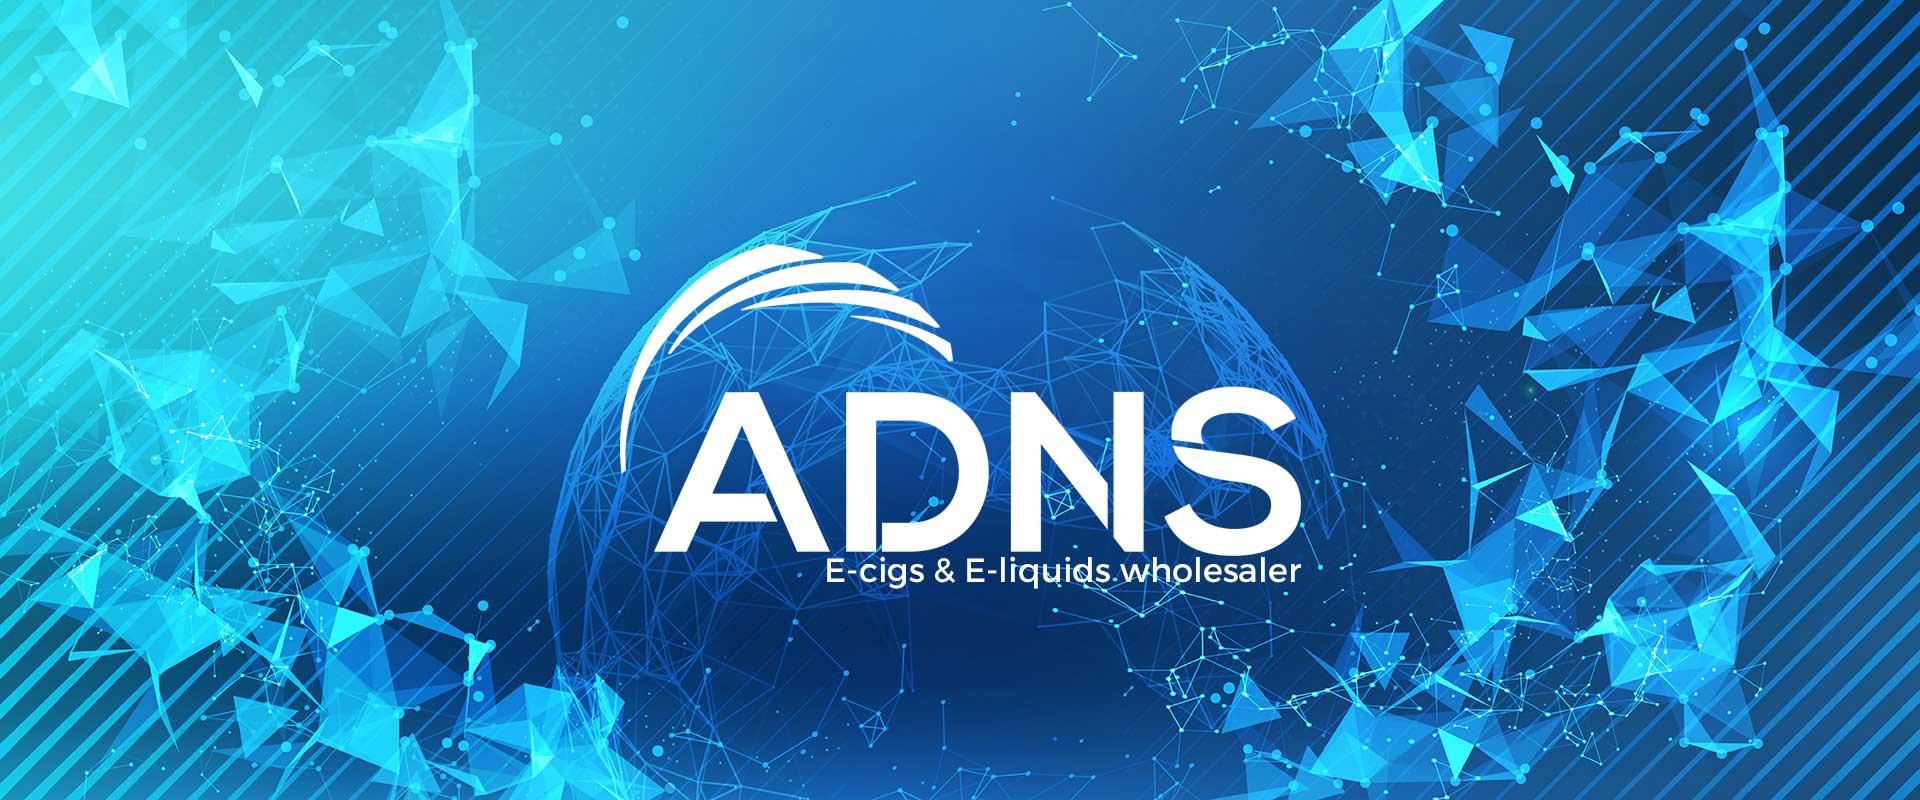 ADNS E-Cigs & E-liquids wholesaler